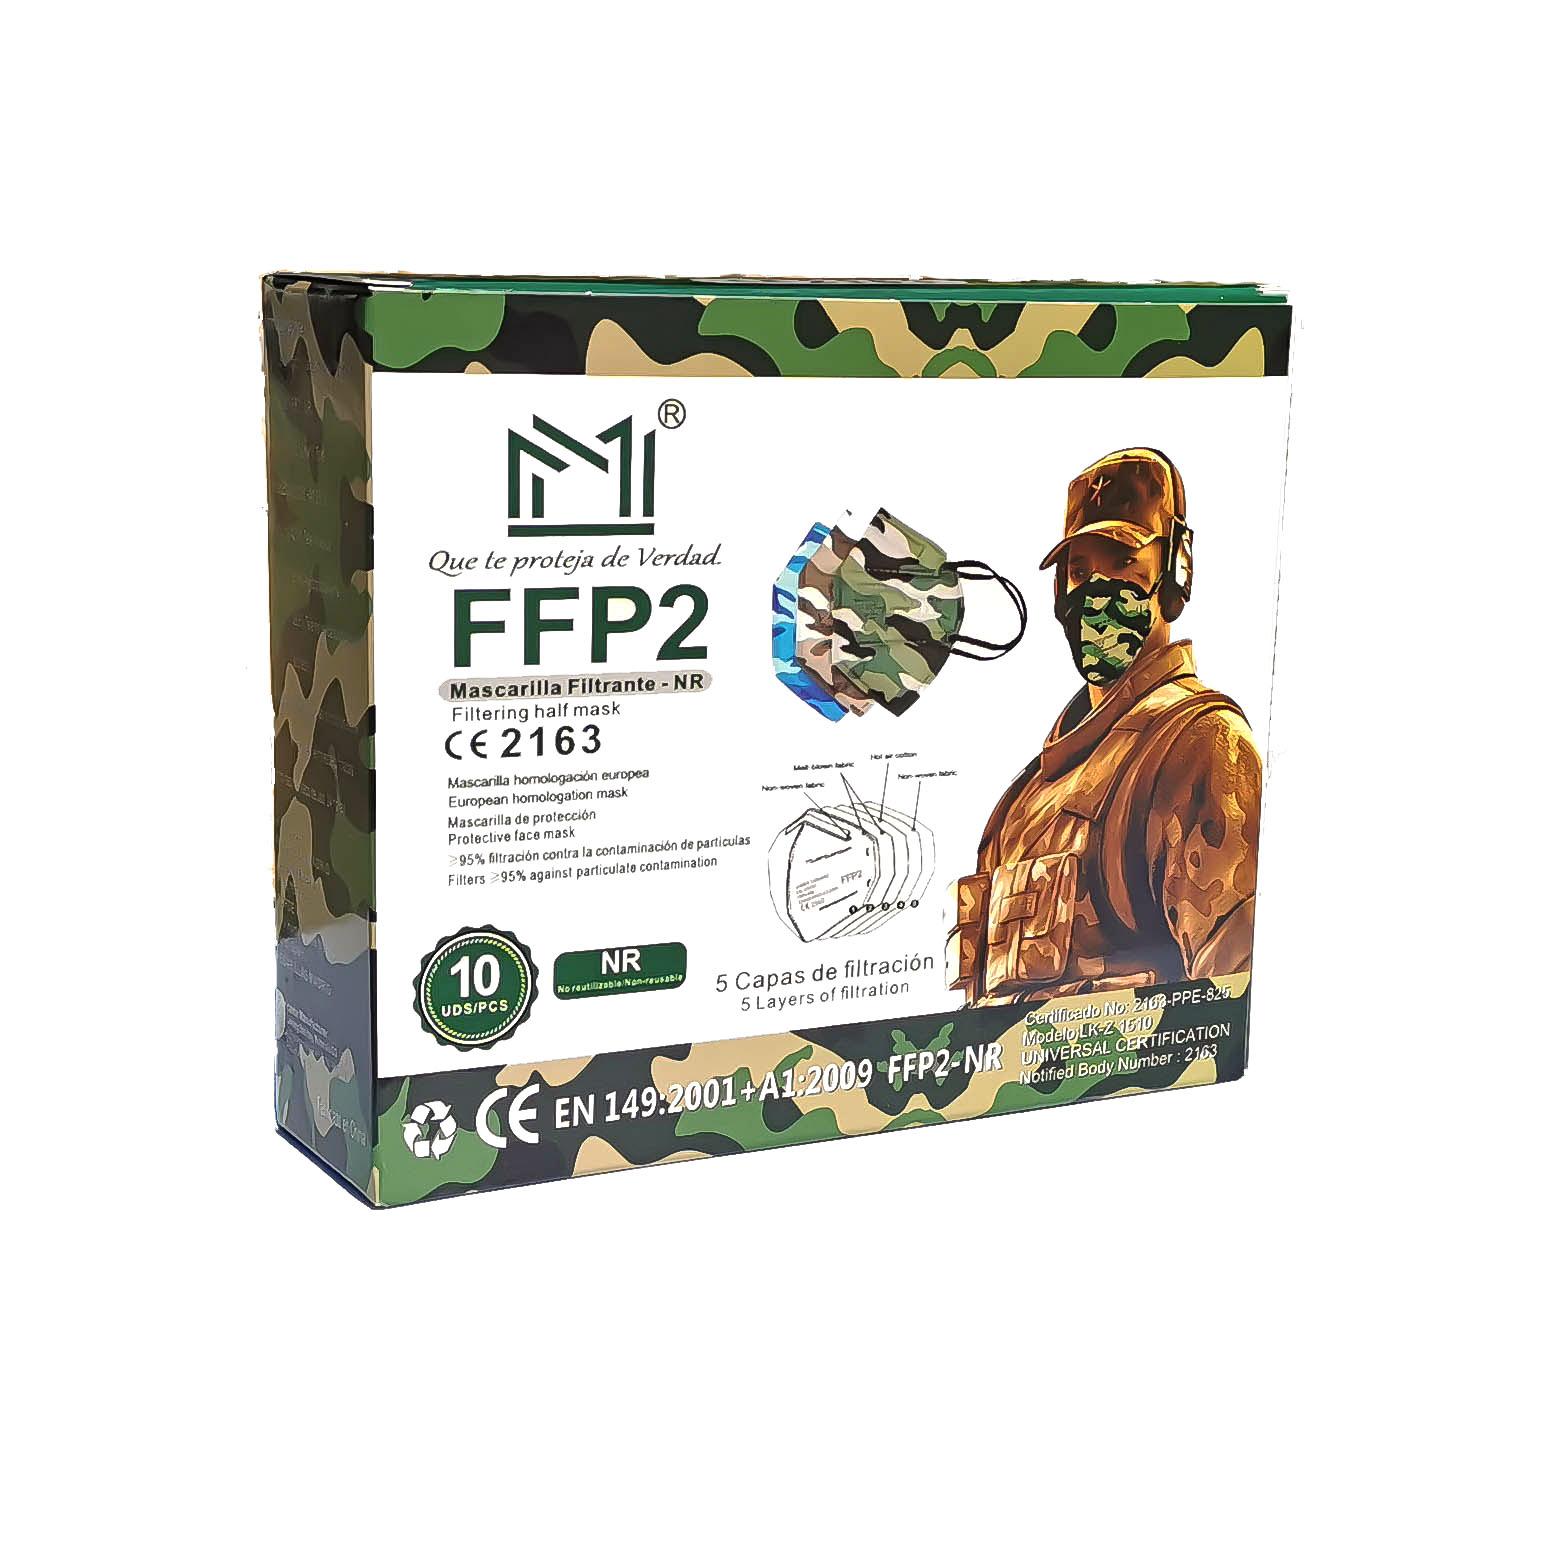 FFP2_ARMY